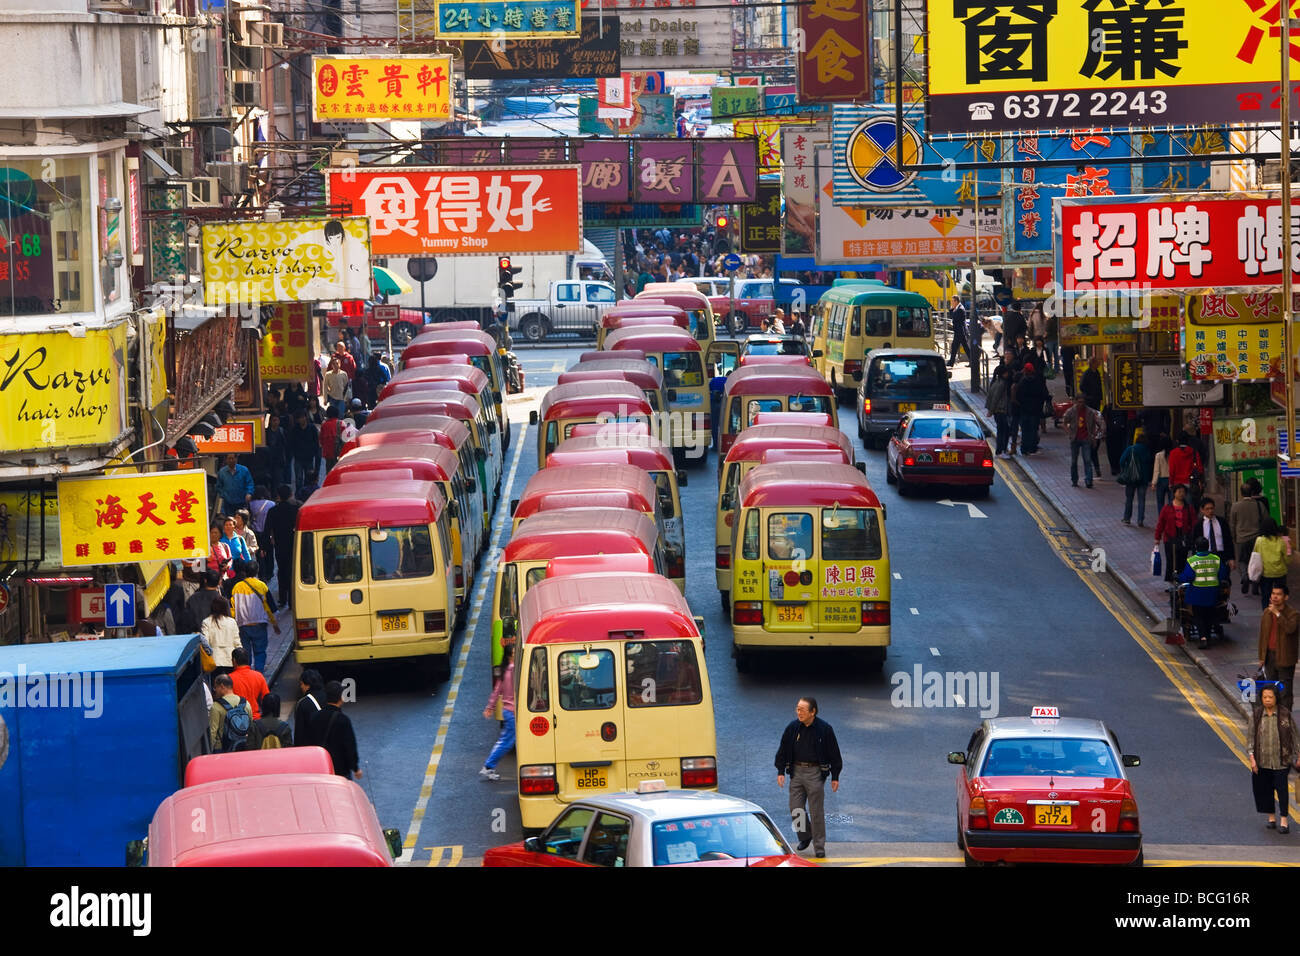 Buses nr Fa Yuen St Market Hong Kong China - Stock Image